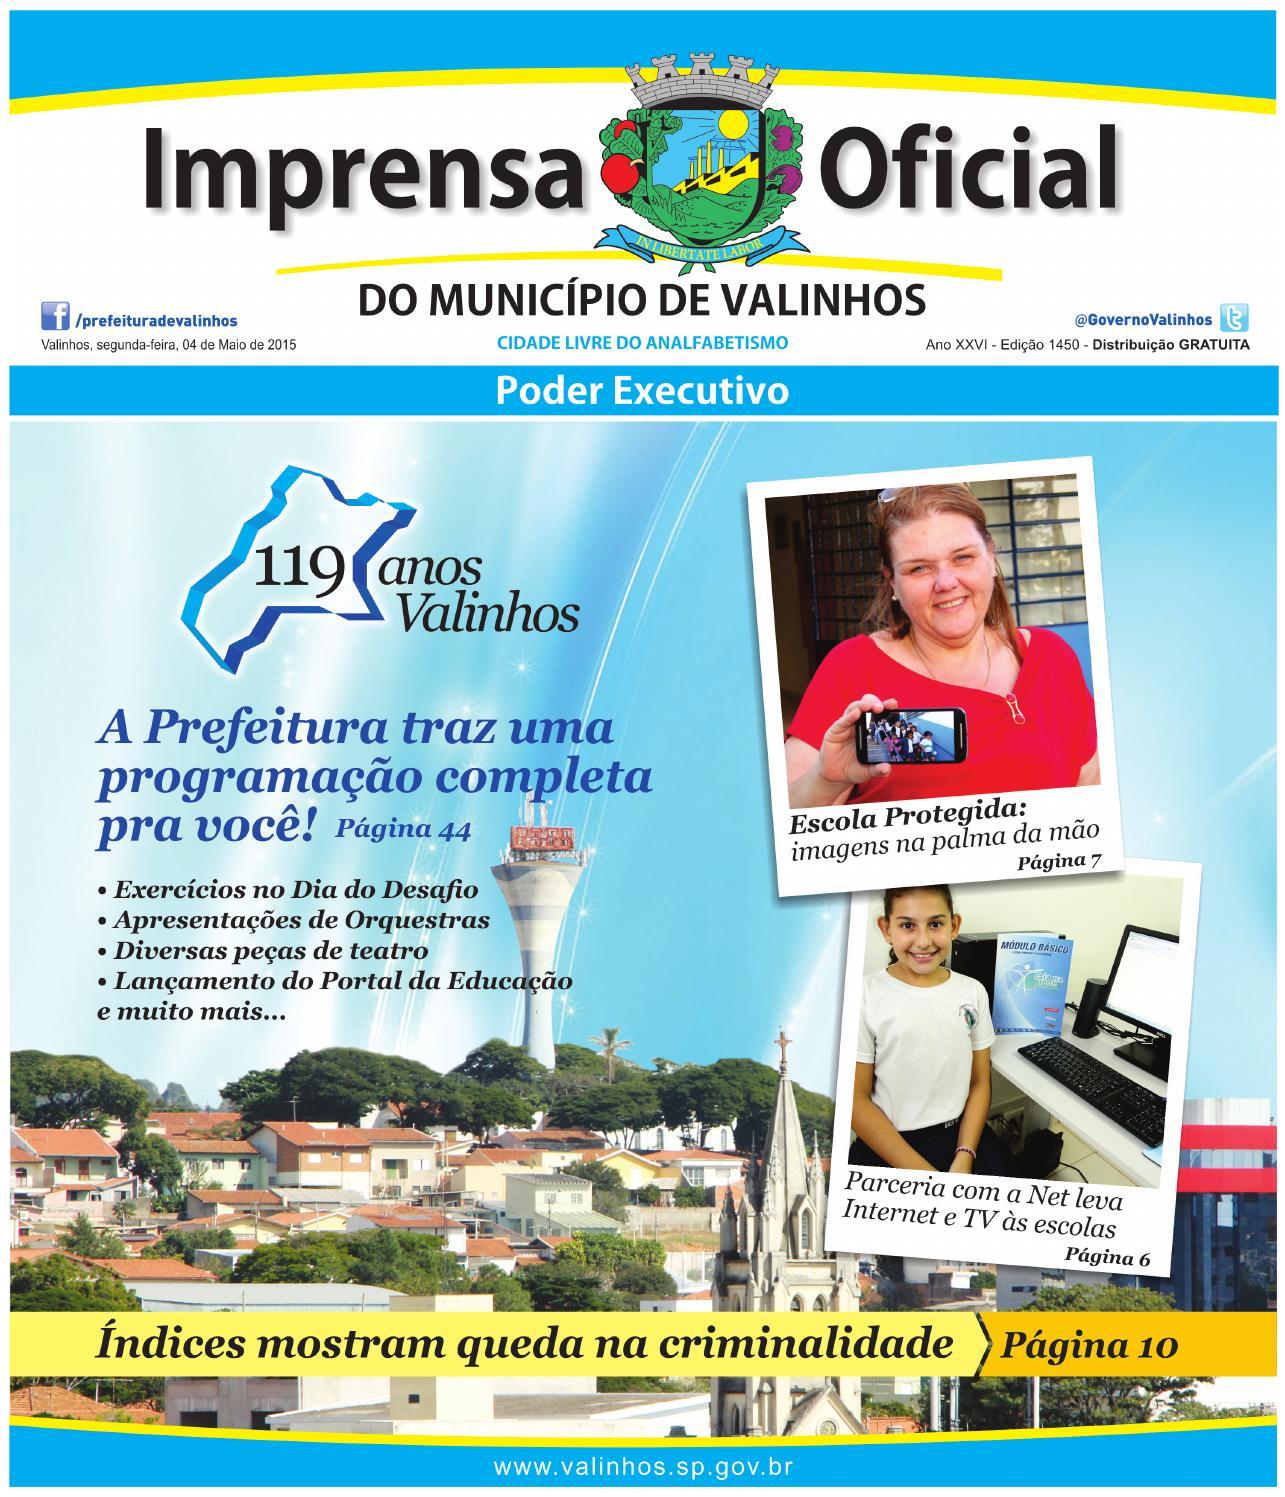 8cc1b7d522 Imprensa Oficial do município de Valinhos - Edição 1450 by Prefeitura de  Valinhos - issuu